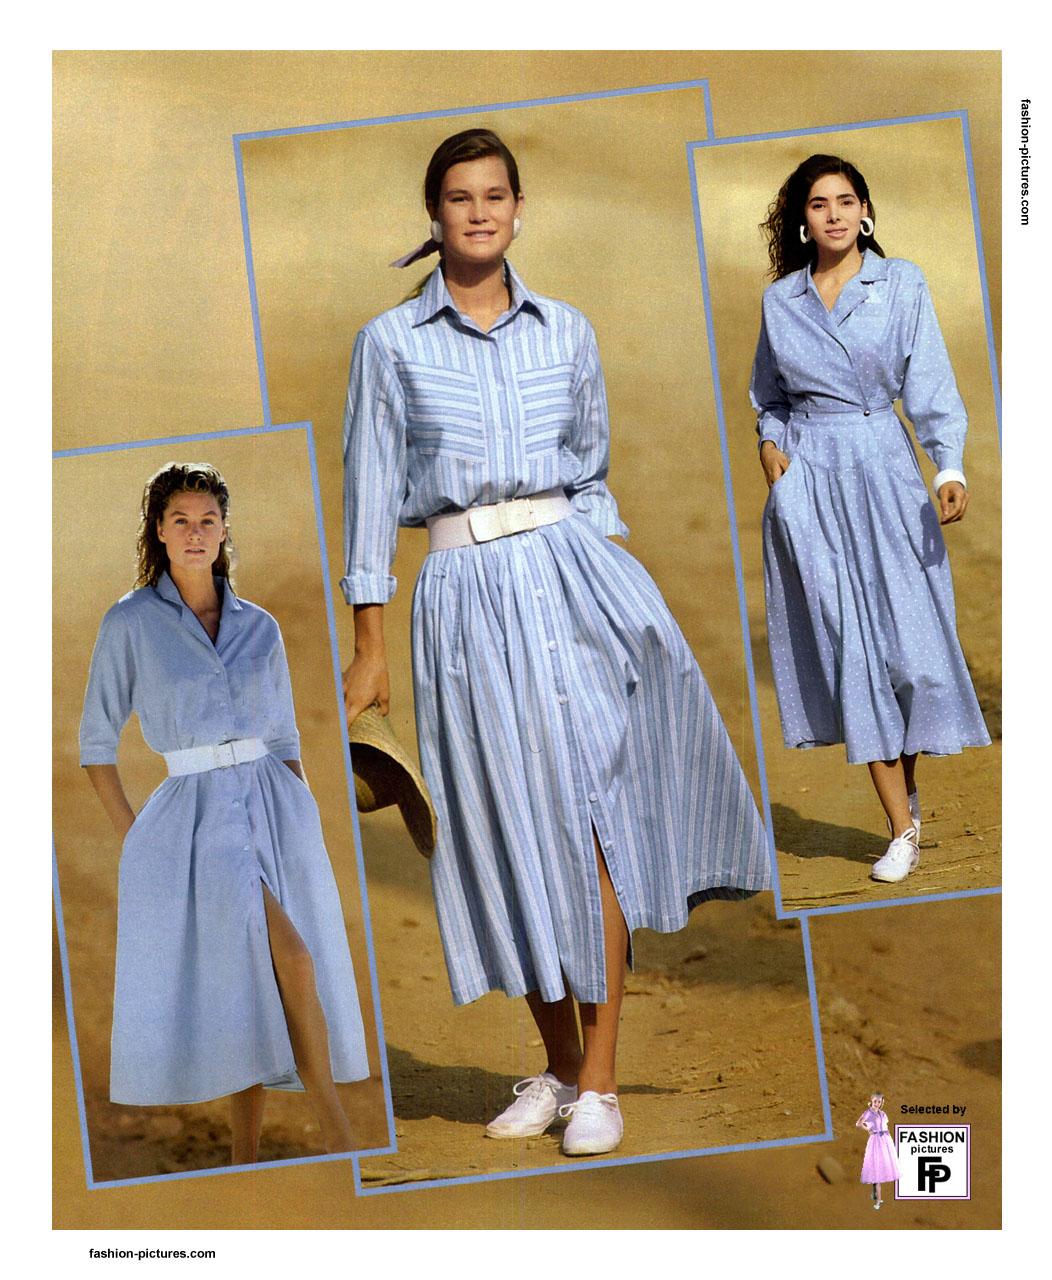 Fashion: 1990s Fashion. Page 1